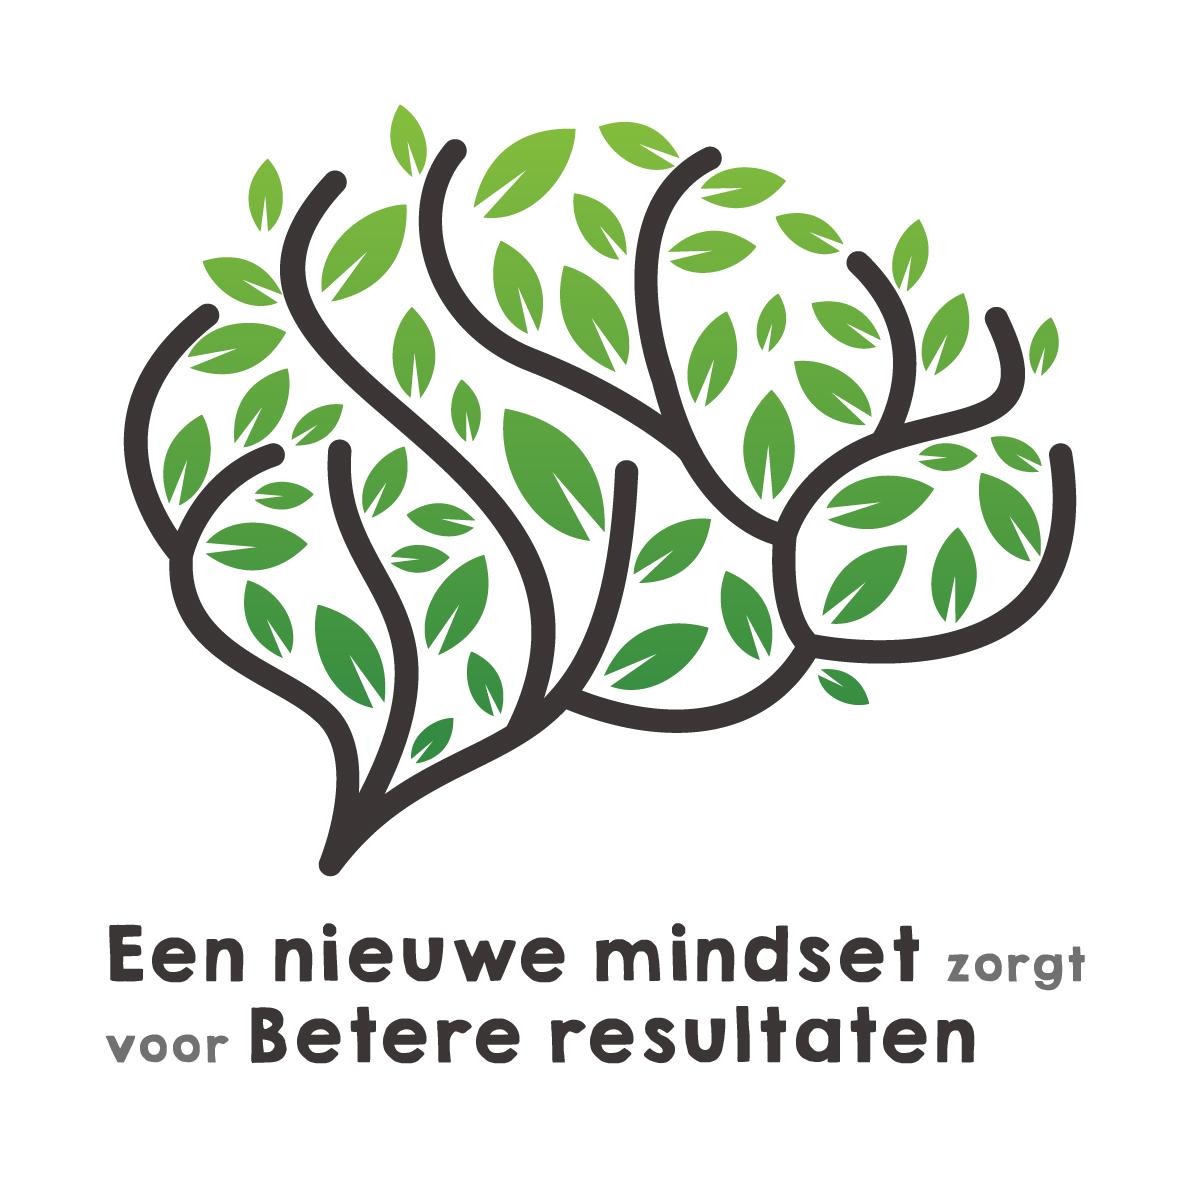 mindset results brain hoofd resultaten gezondheid